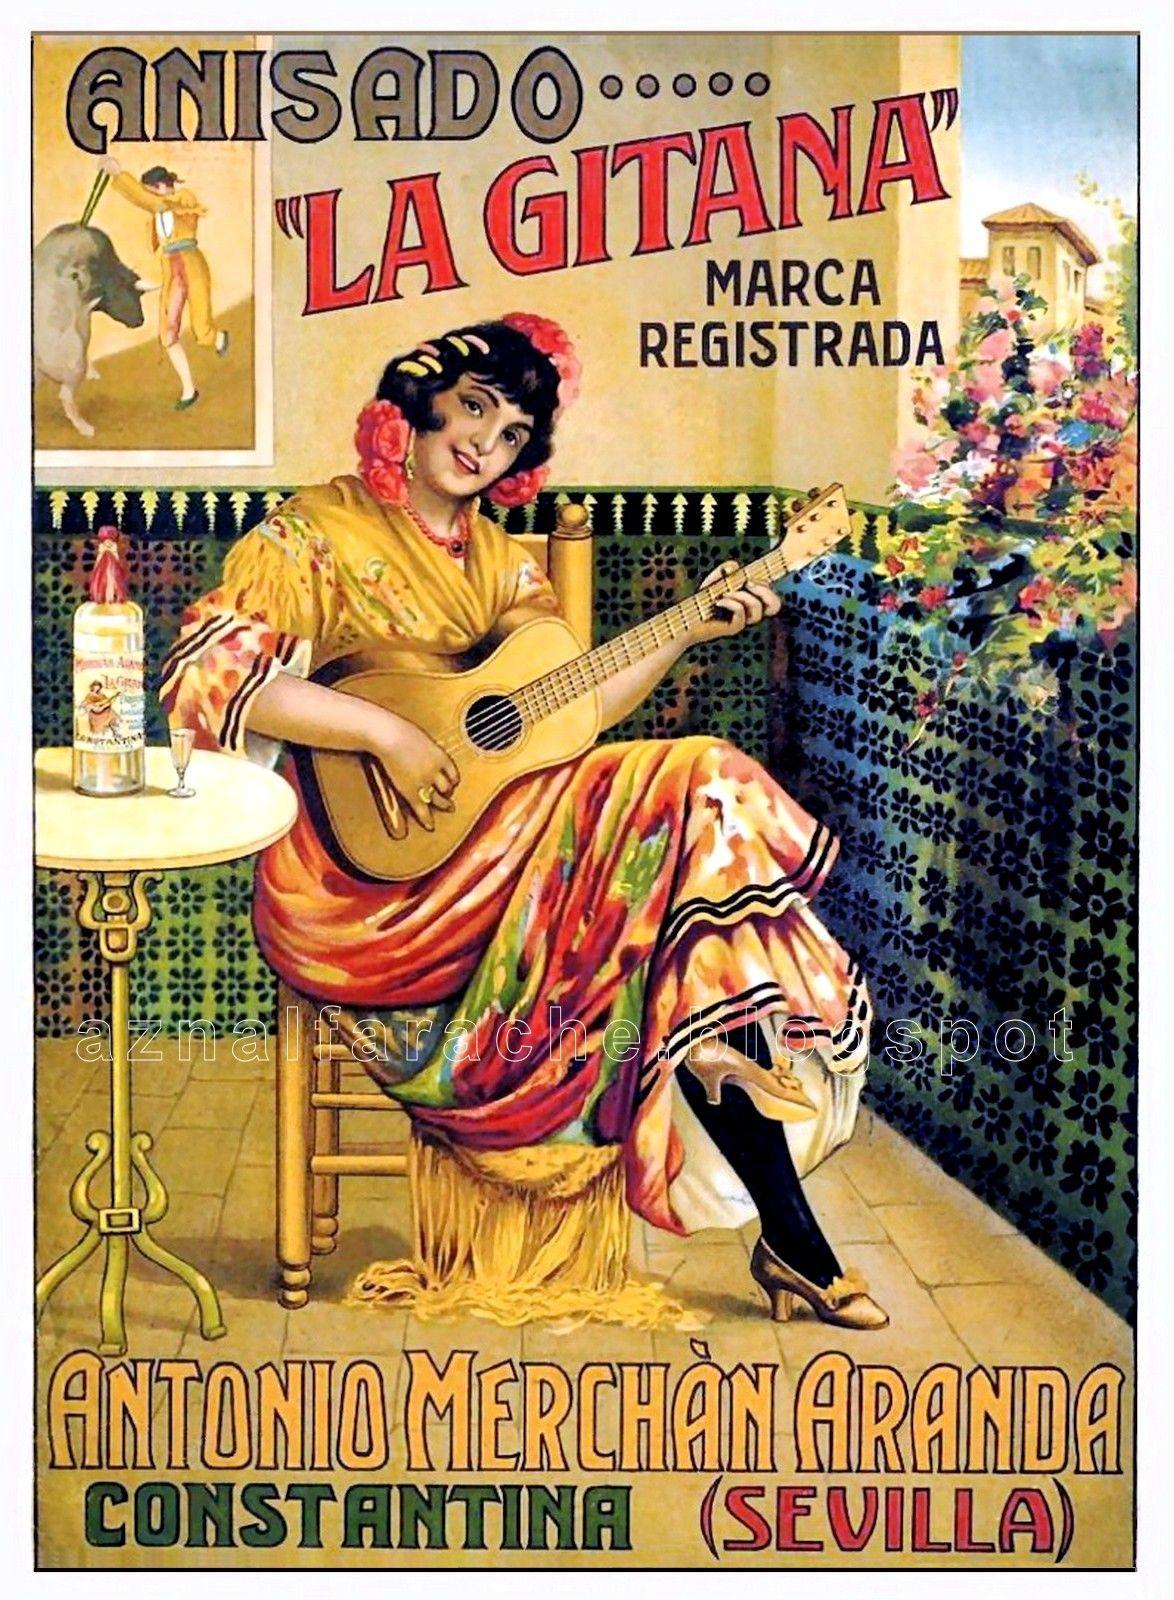 La gitana carteles antiguos publicitarios pinterest publicidad retro anuncios vintage y - Carteles publicitarios antiguos ...